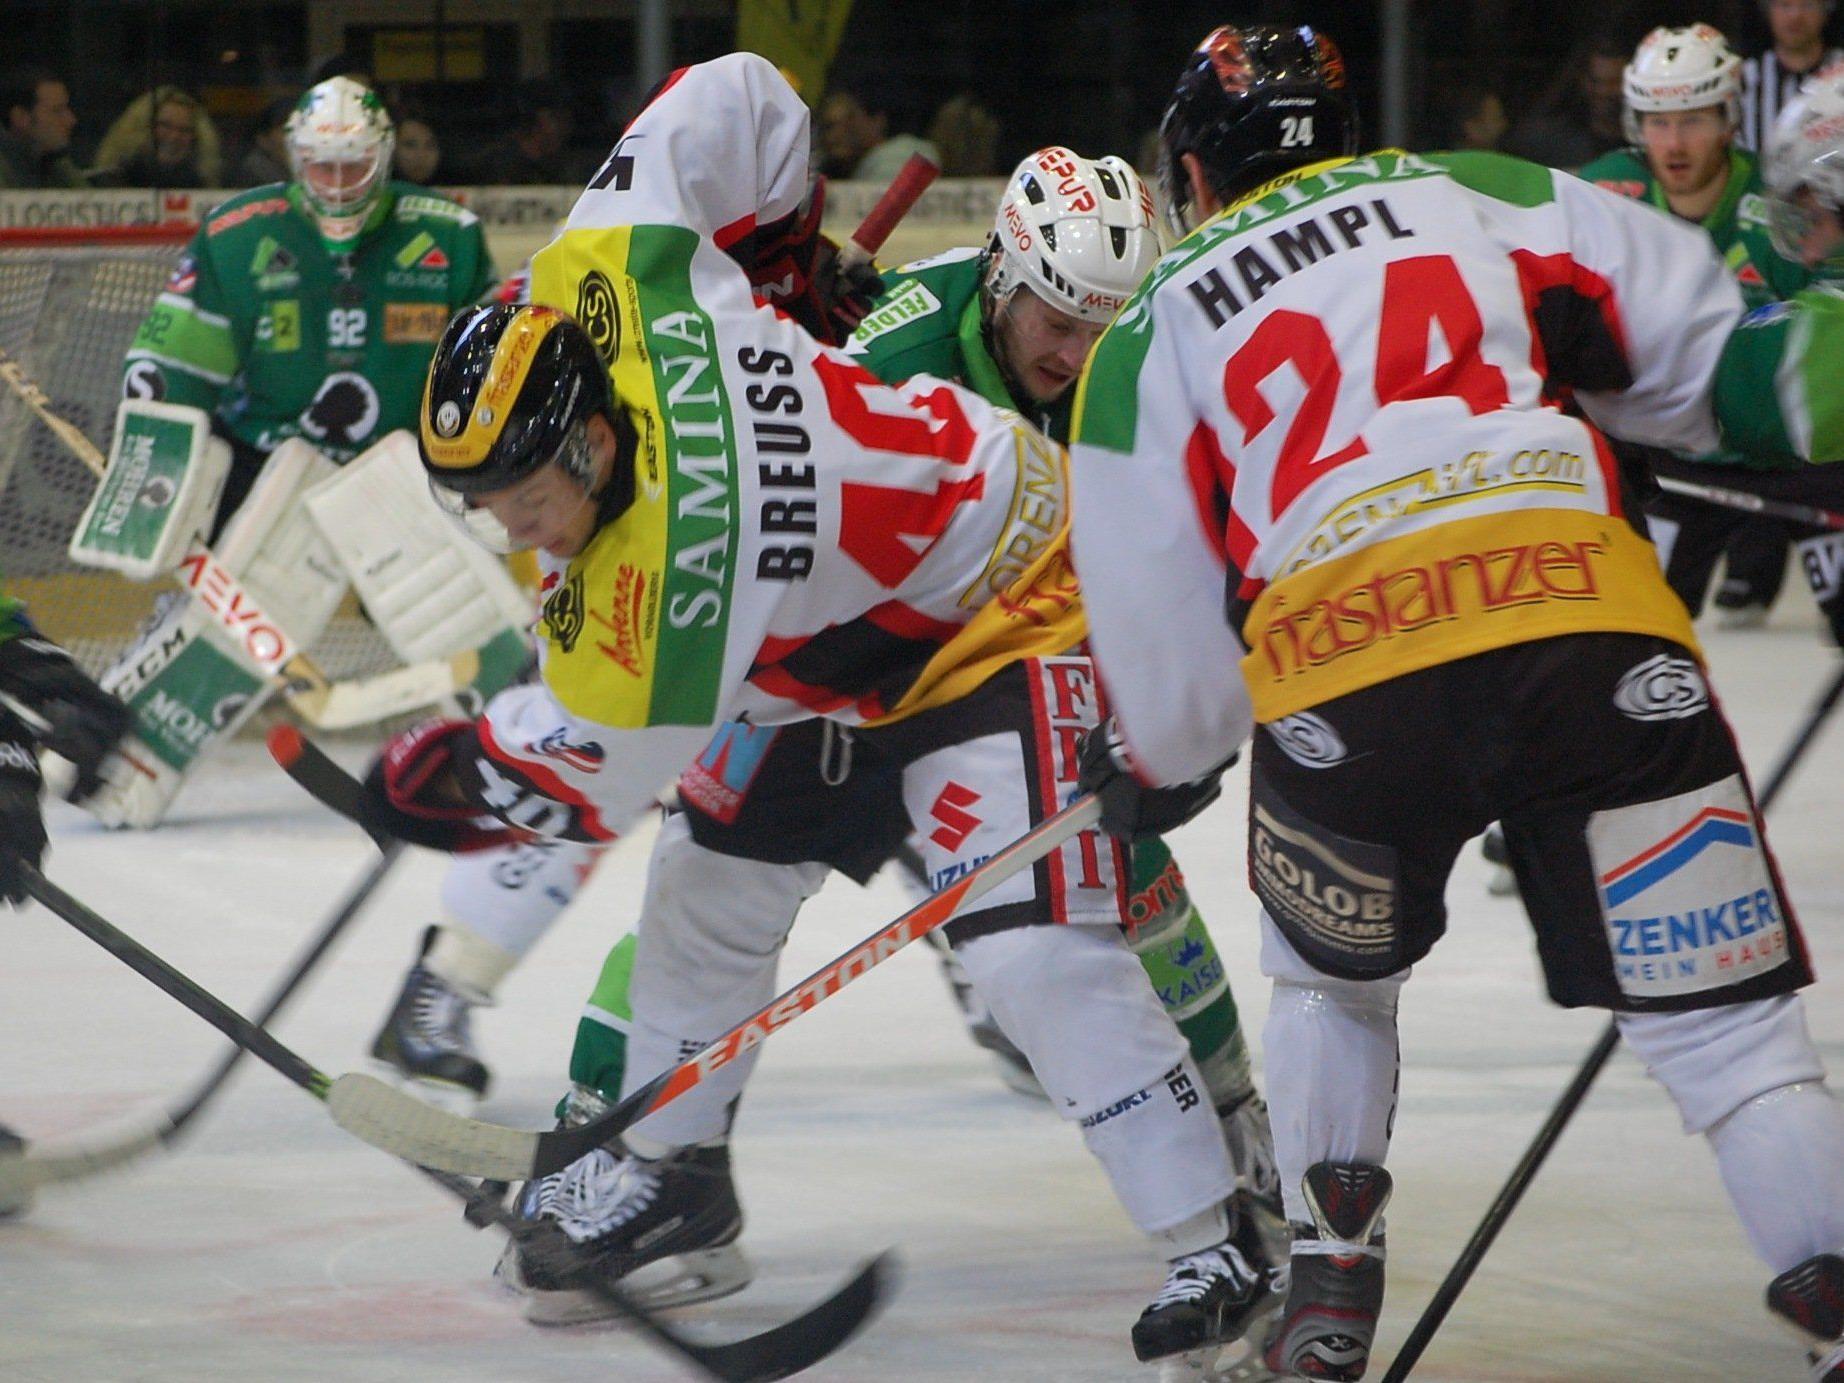 Das Derby gegen Feldkirch bot den Fans rassigen Eishockeysport.